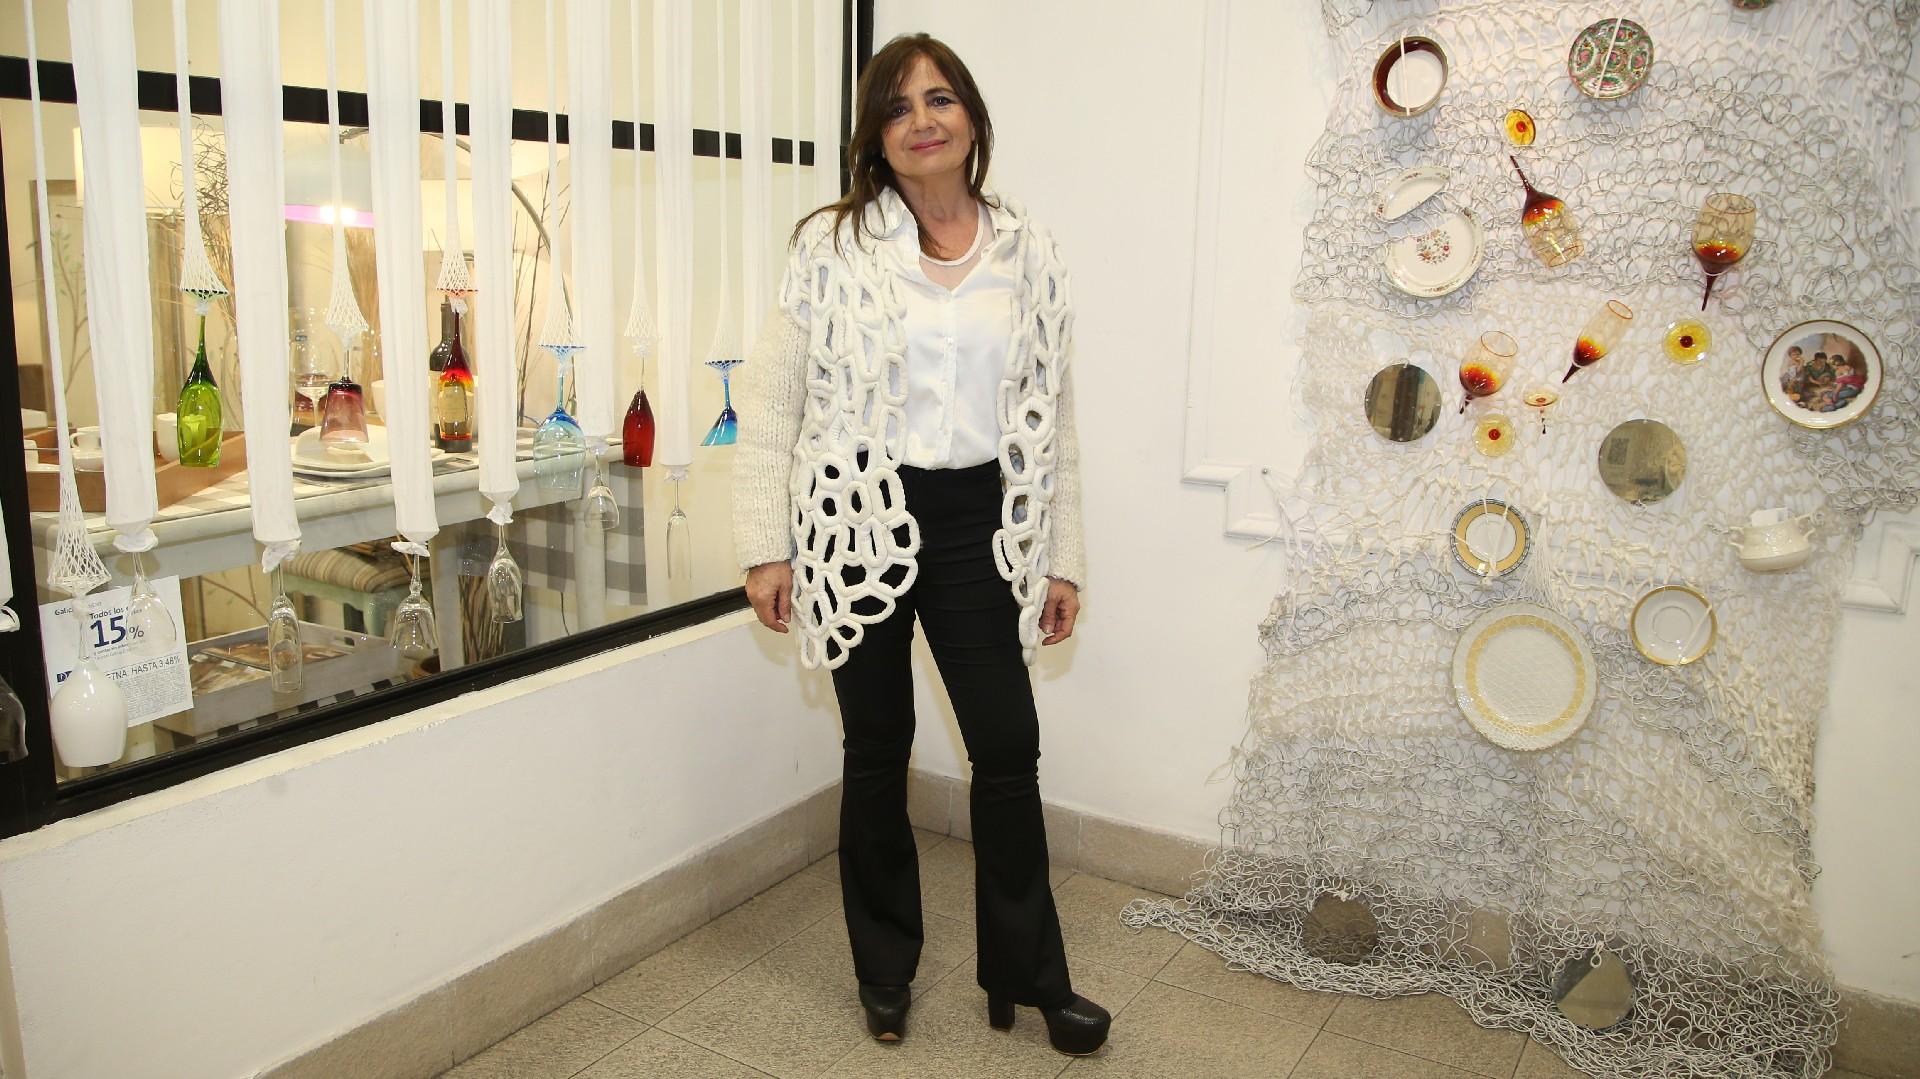 La diseñadora Ale Gougy y su original intervención con platos y copas en un local que se especializa en el arte de la mesa